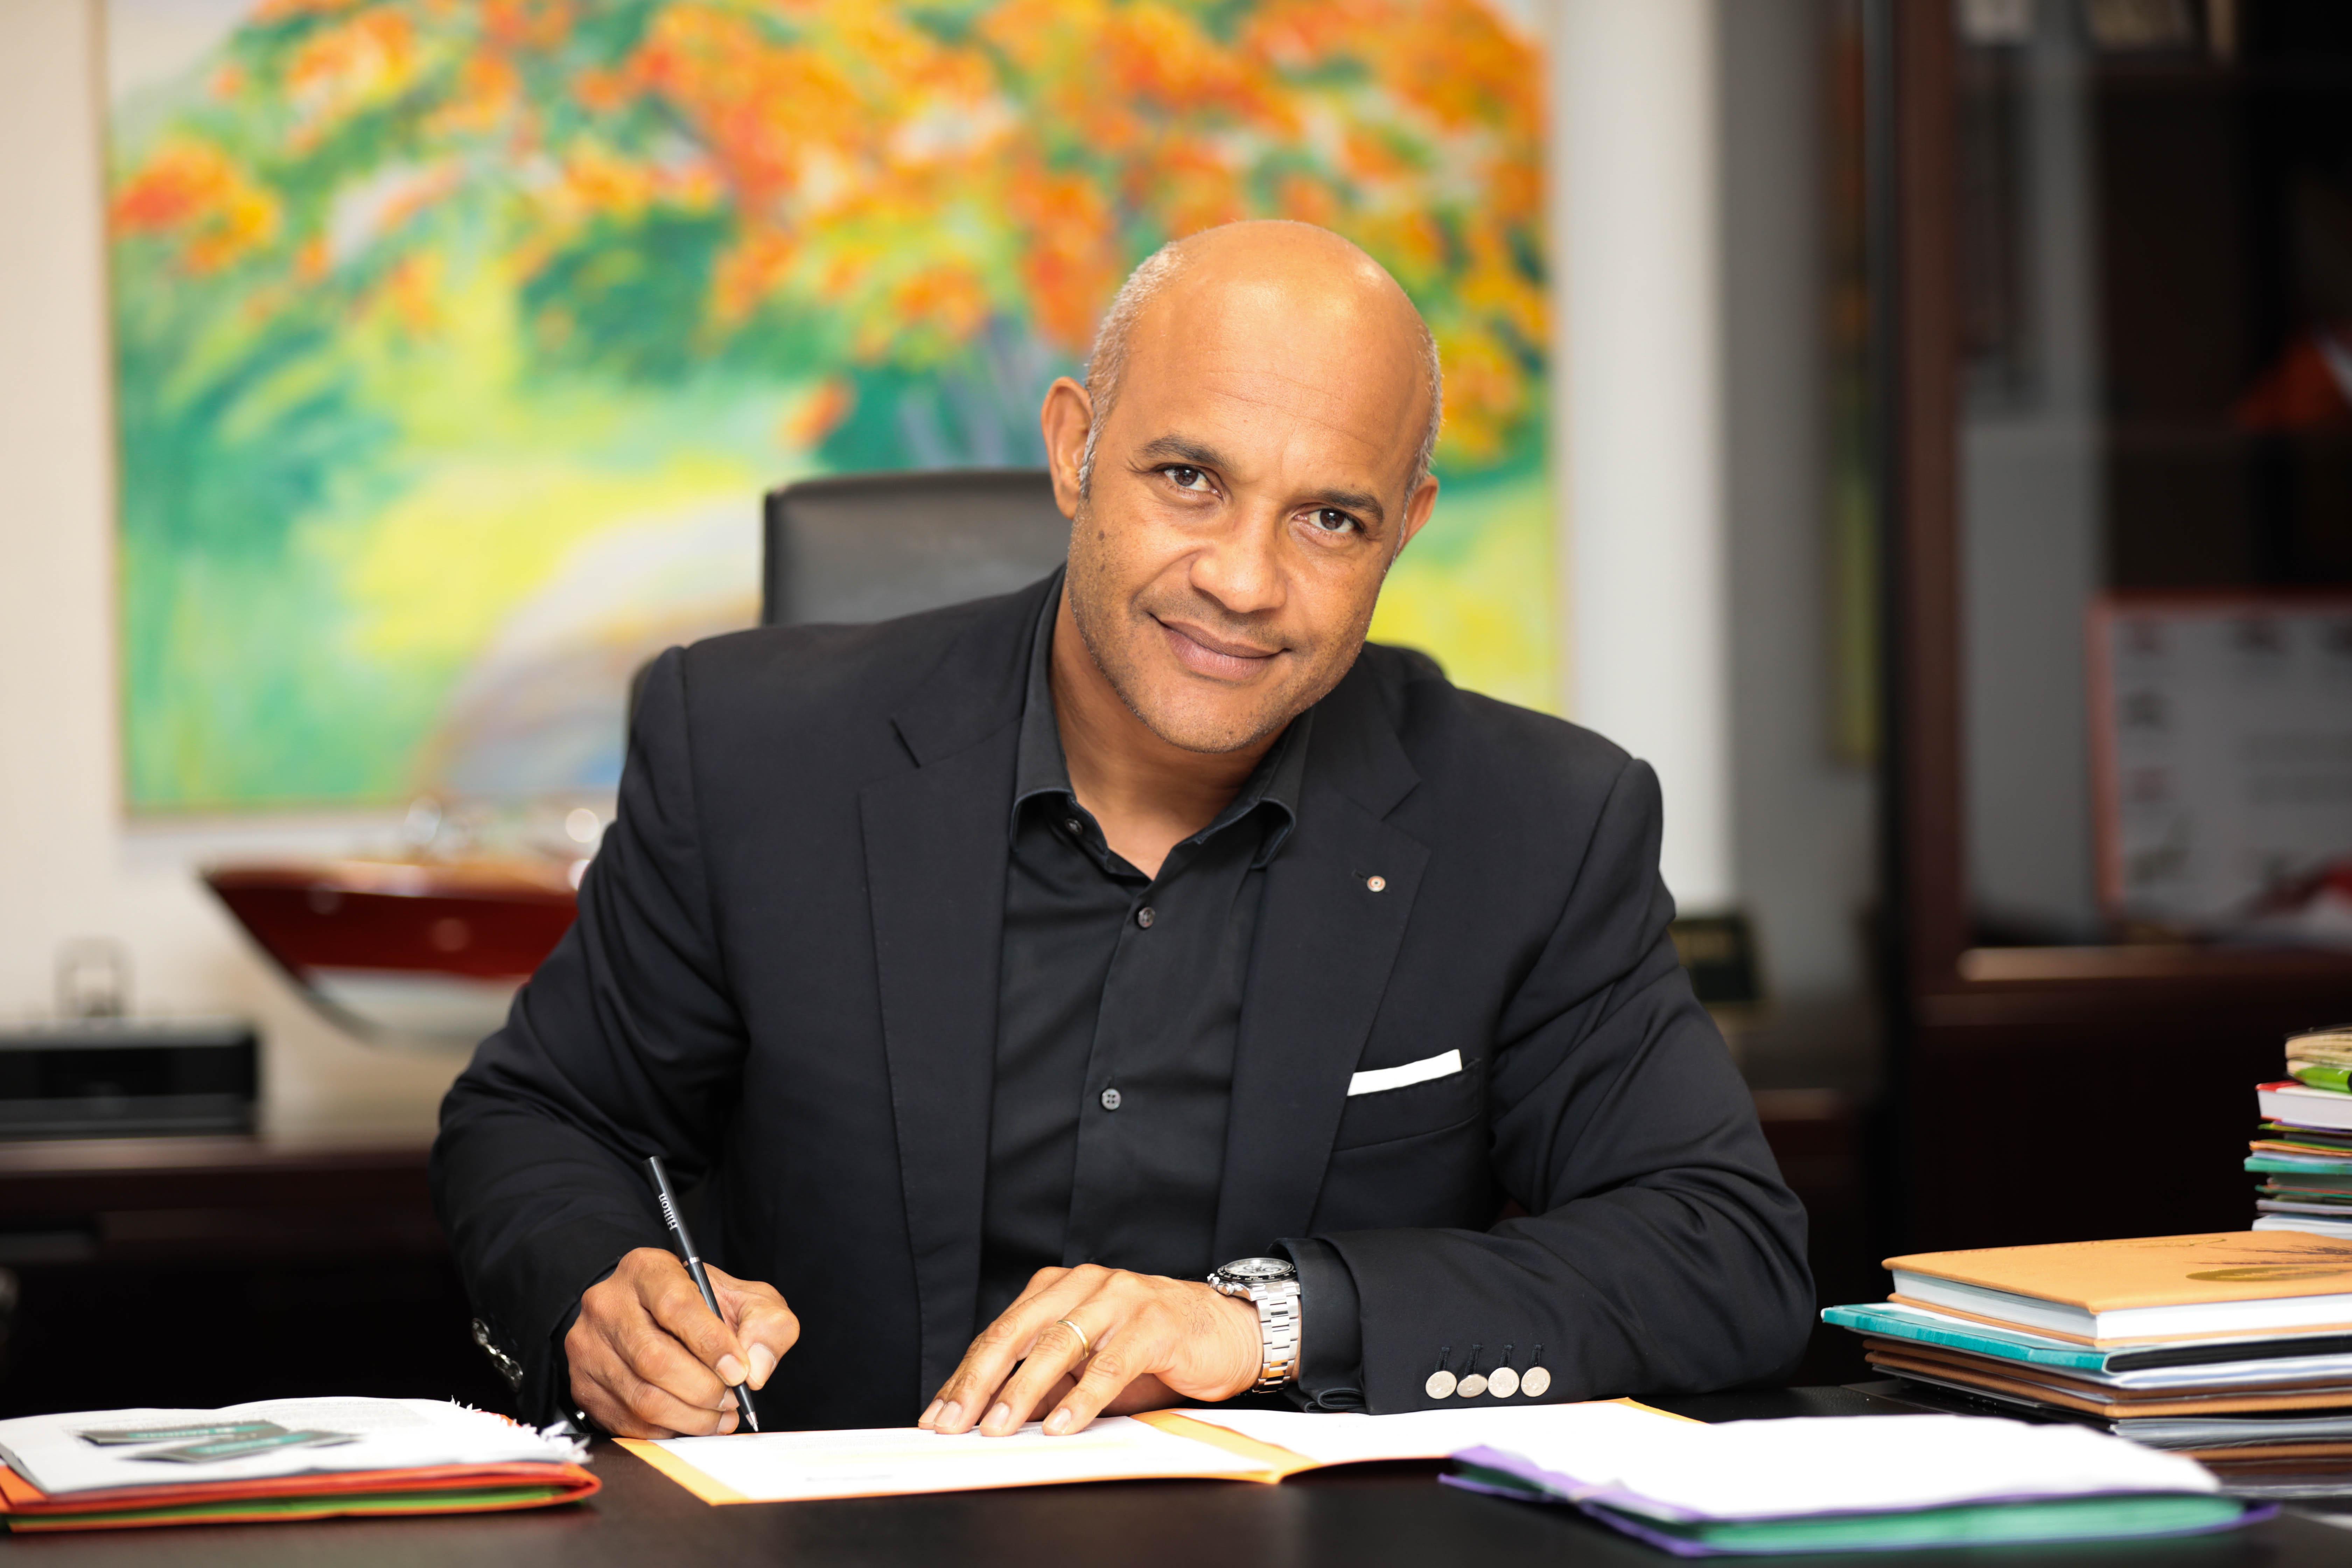 INTERVIEW POLITIQUE. Daniel Gibbs, président de la Collectivité territoriale de Saint-Martin : « La frontière entre les deux parties de l'île reste symbolique depuis 372 ans »